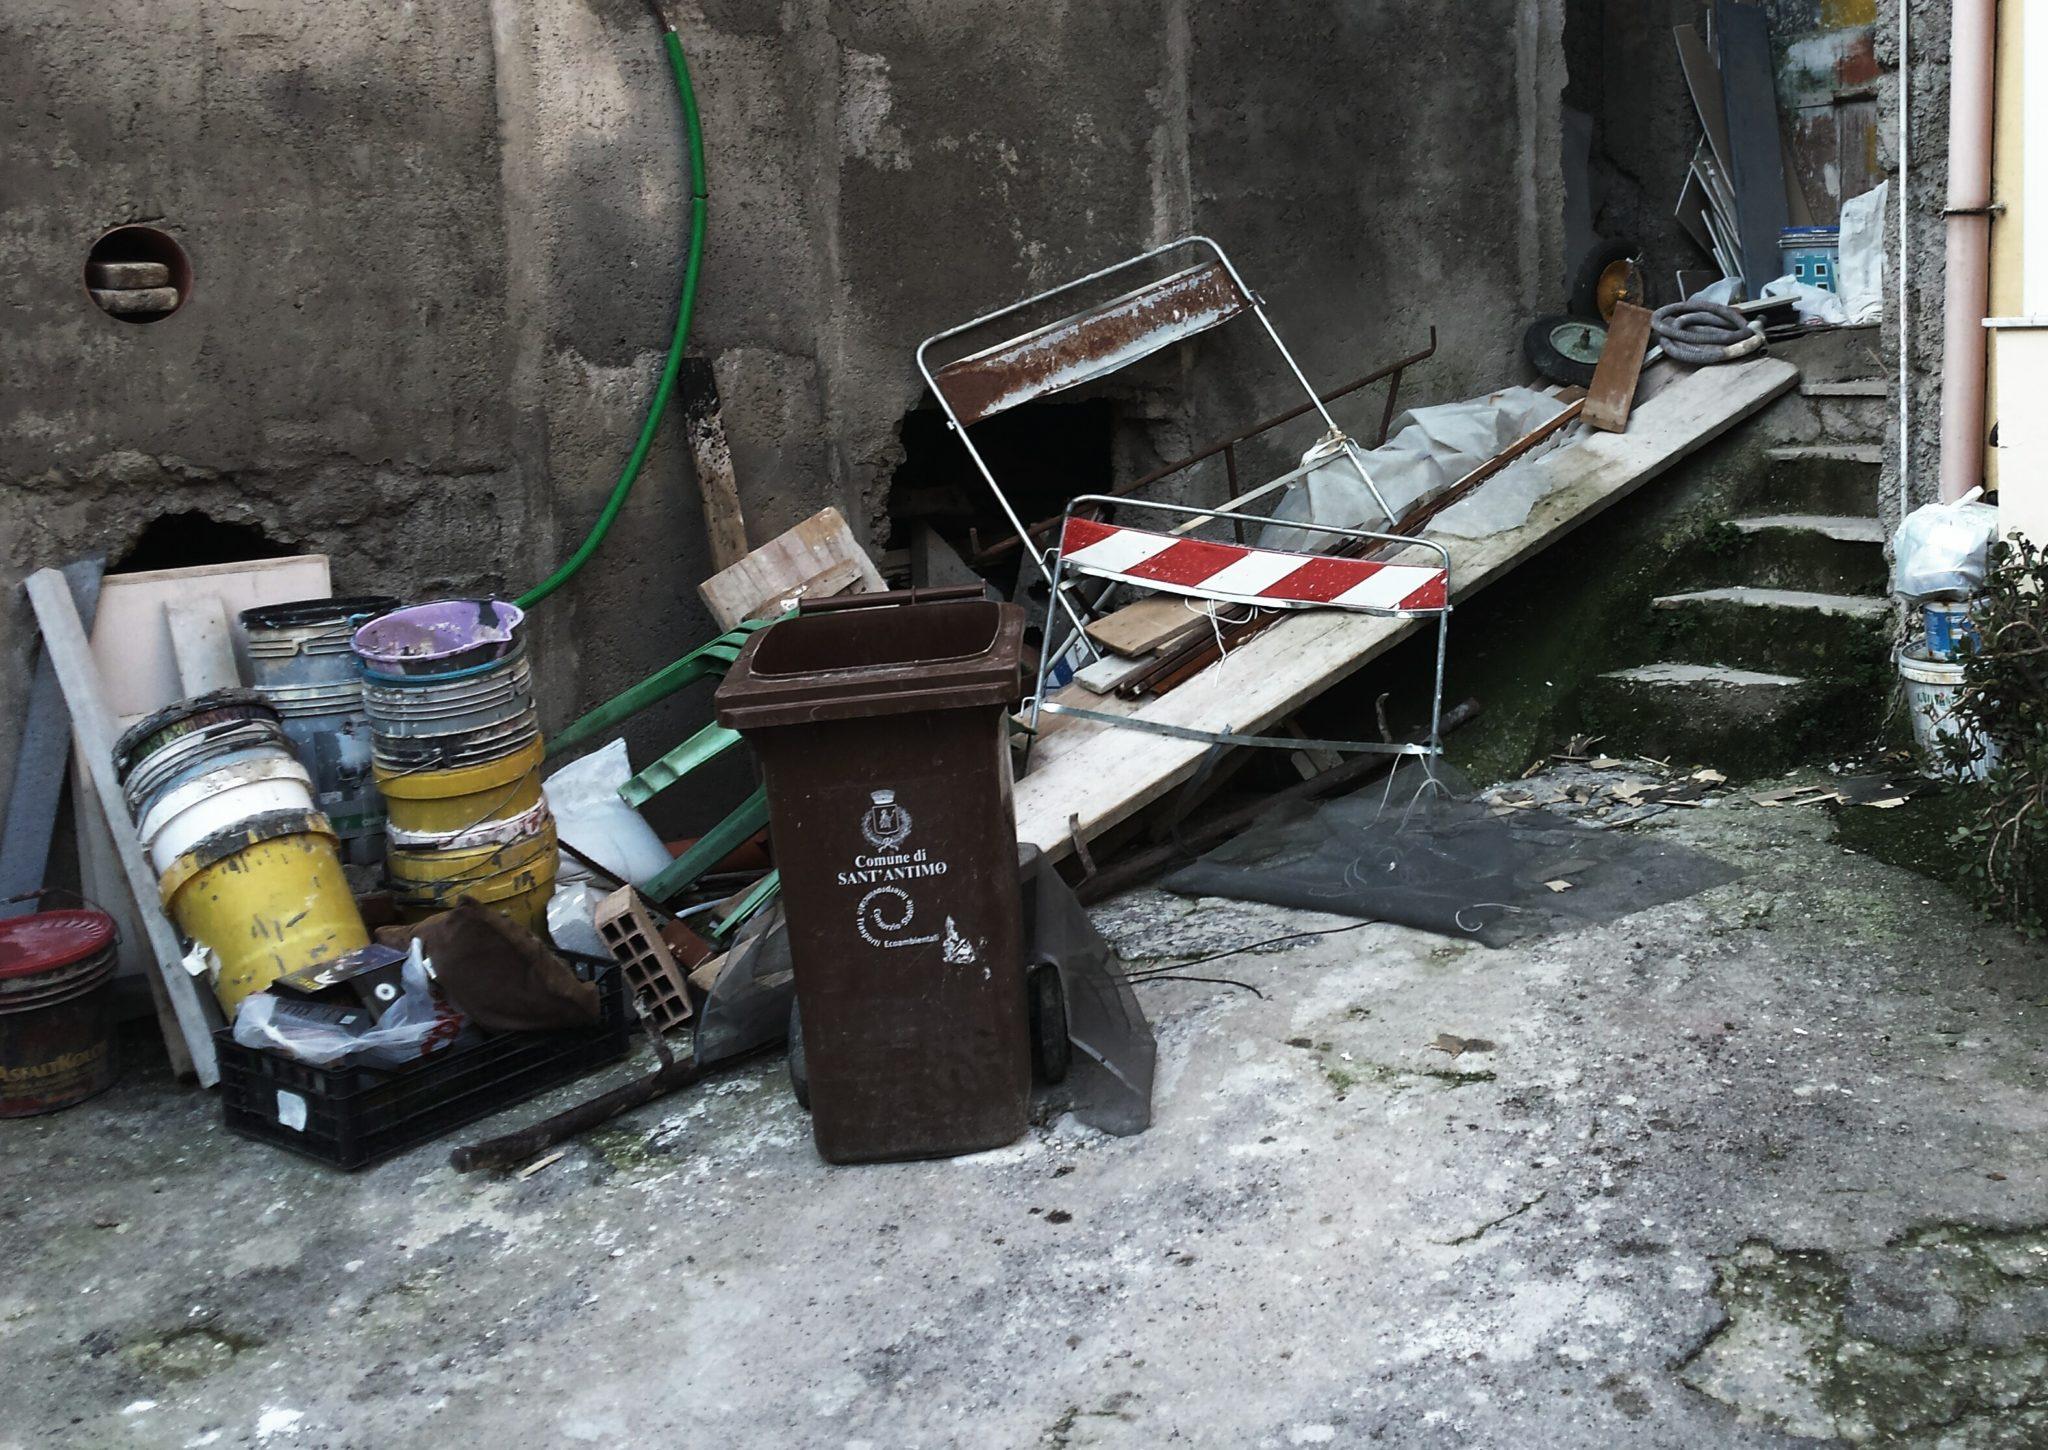 Smaltisce rifiuti provenienti da scarti edili per strada dopo i lavori, sanzionato dalla polizia locale